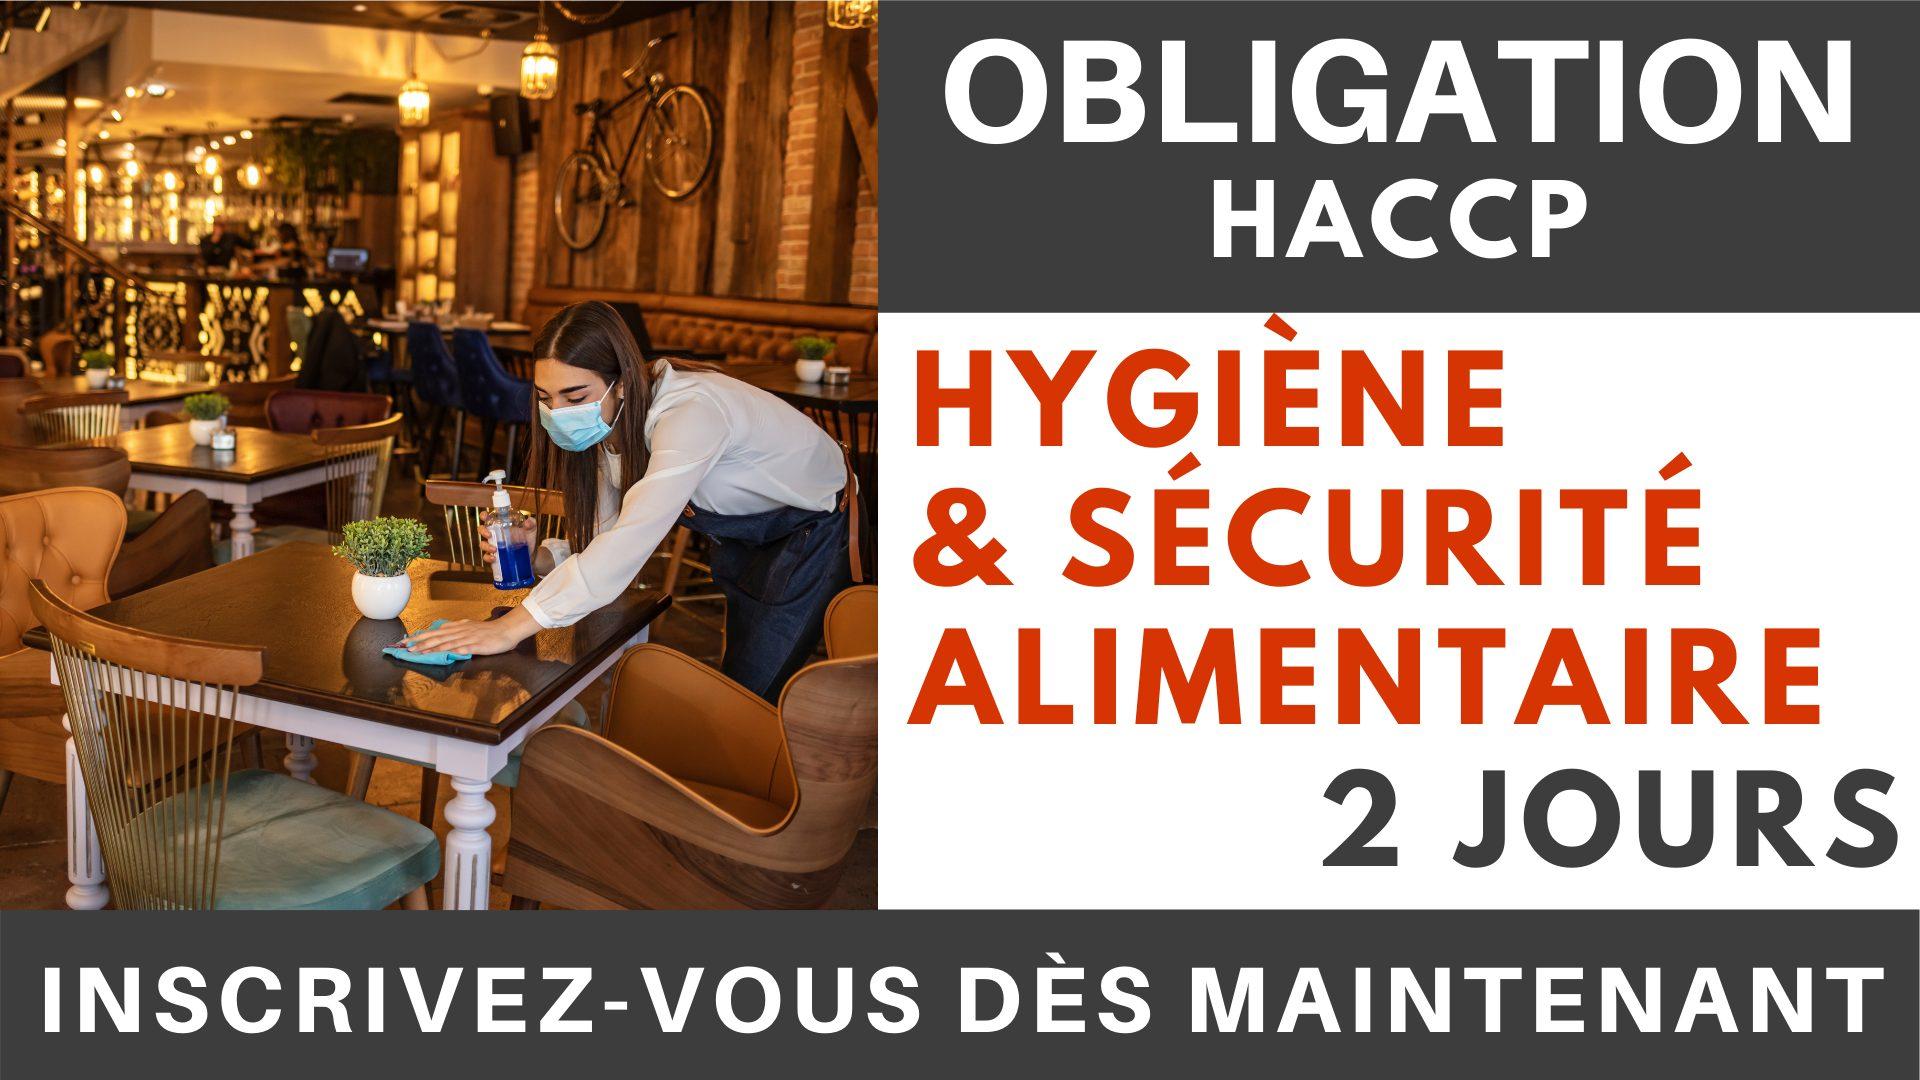 OBLIGATION HACCP - Hygiène & sécurité alimentaire 2 jours